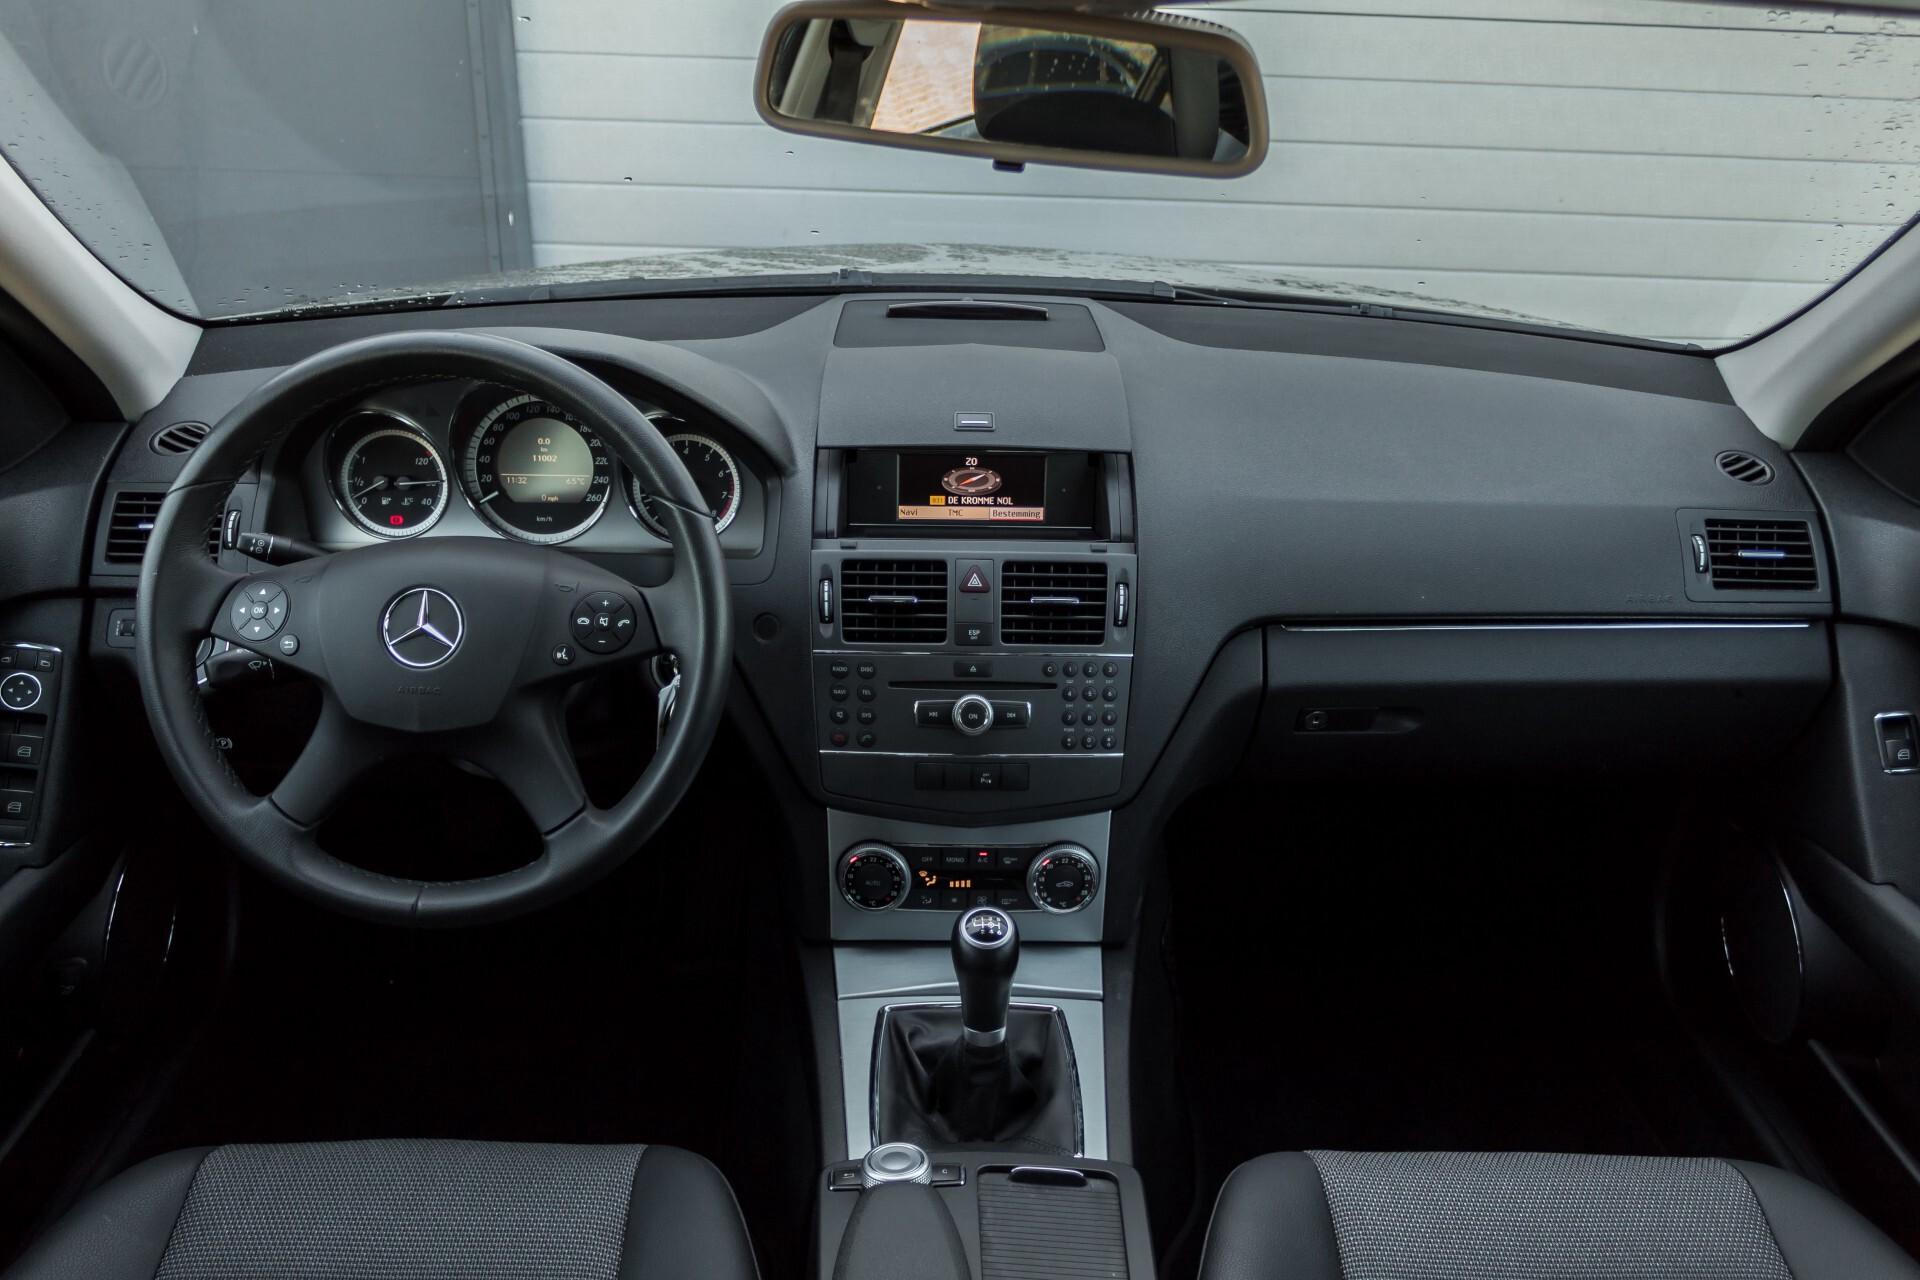 Mercedes-Benz C-Klasse 180 K Avantgarde 1ste eigenaar/NL geleverd/Dealer onderhouden/Volledig gedocumenteerd Foto 7